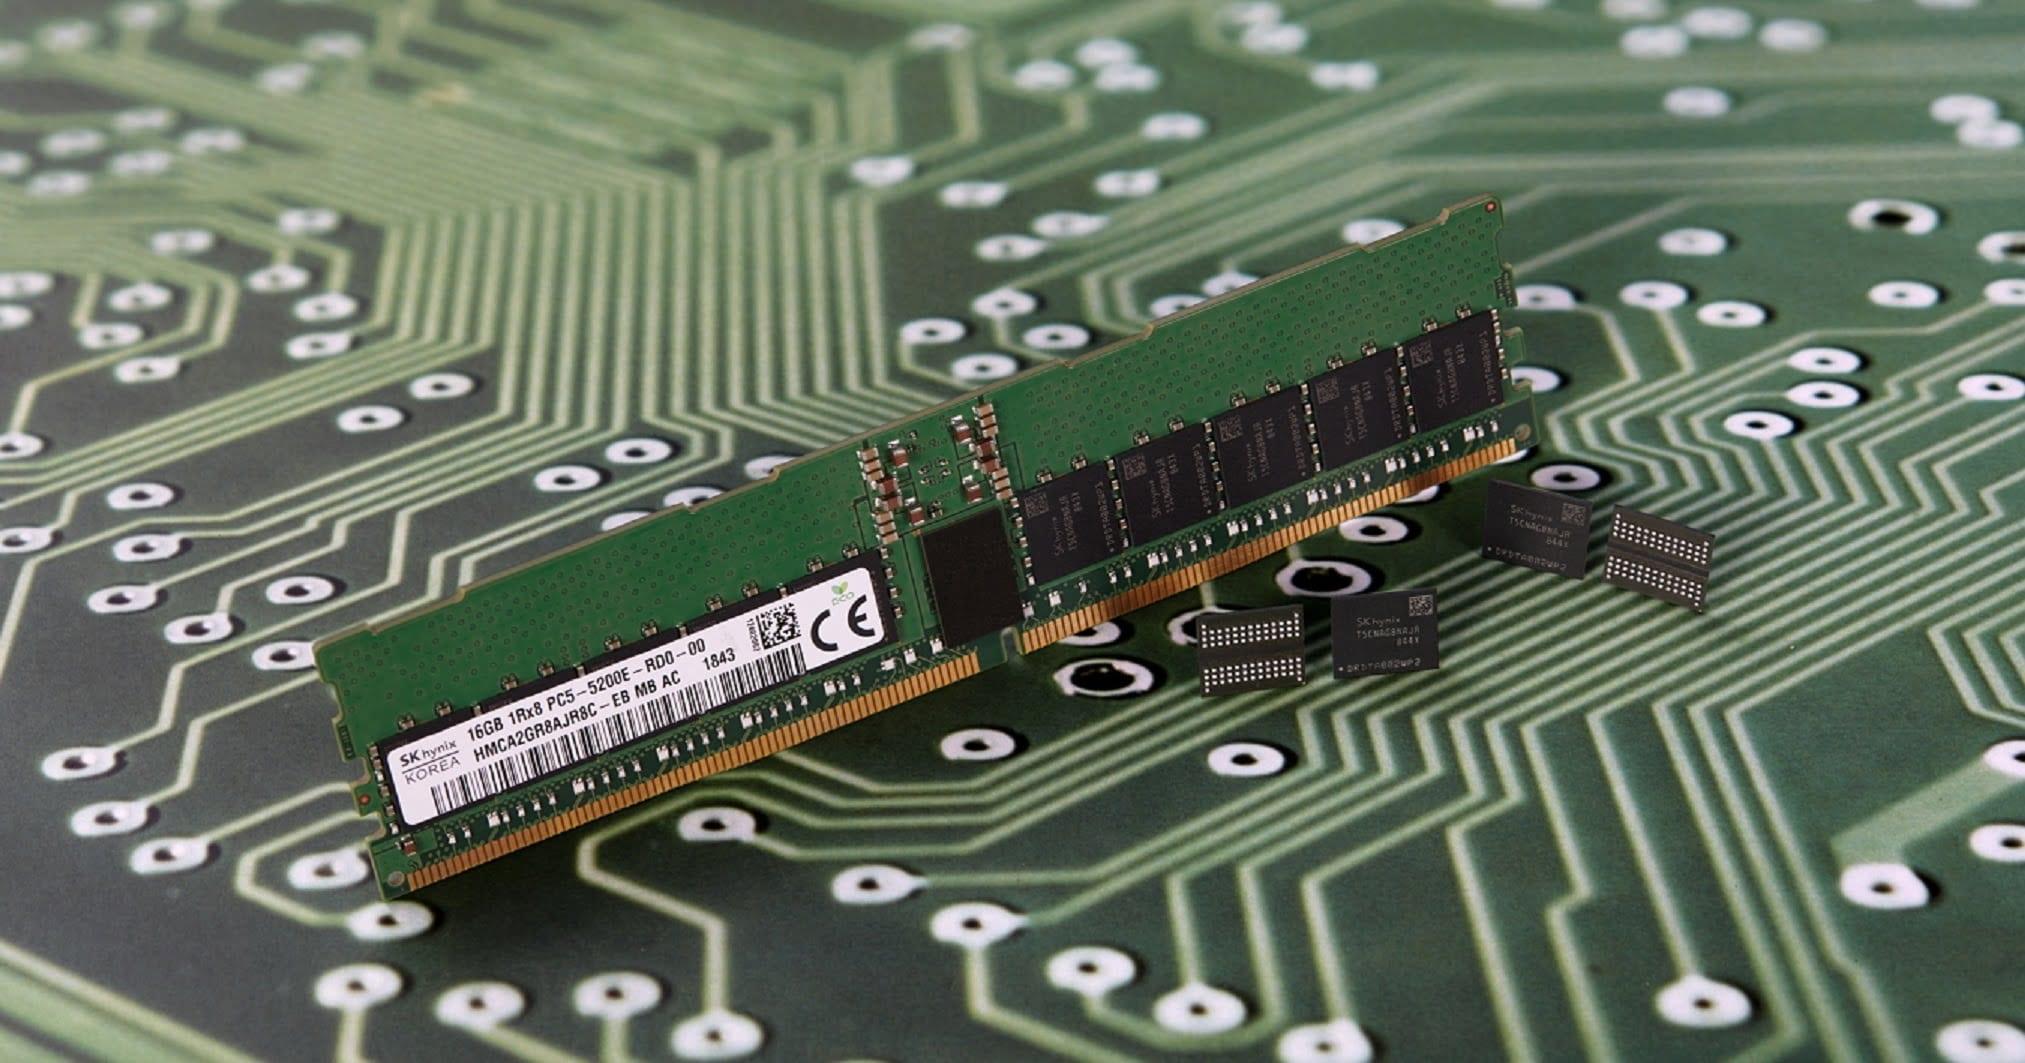 GRIFF взял первое место в модельном зачете чипа Intel Pentium 4 2.8Ghz (Northwood, 200 FSB)